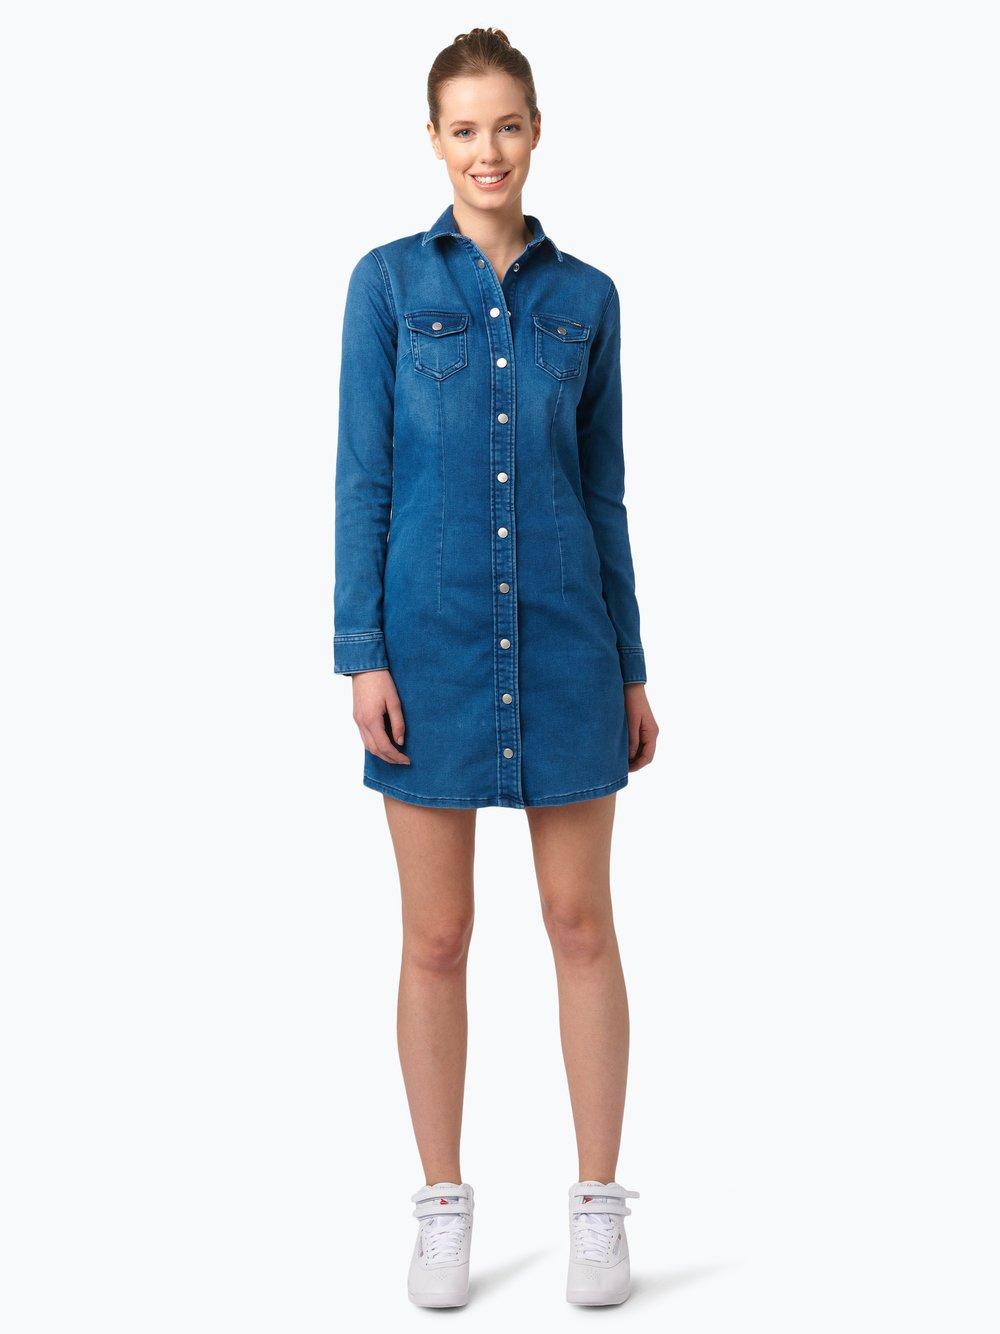 605cd2b6f9 Pepe Jeans Damska sukienka jeansowa – Cindy kup online